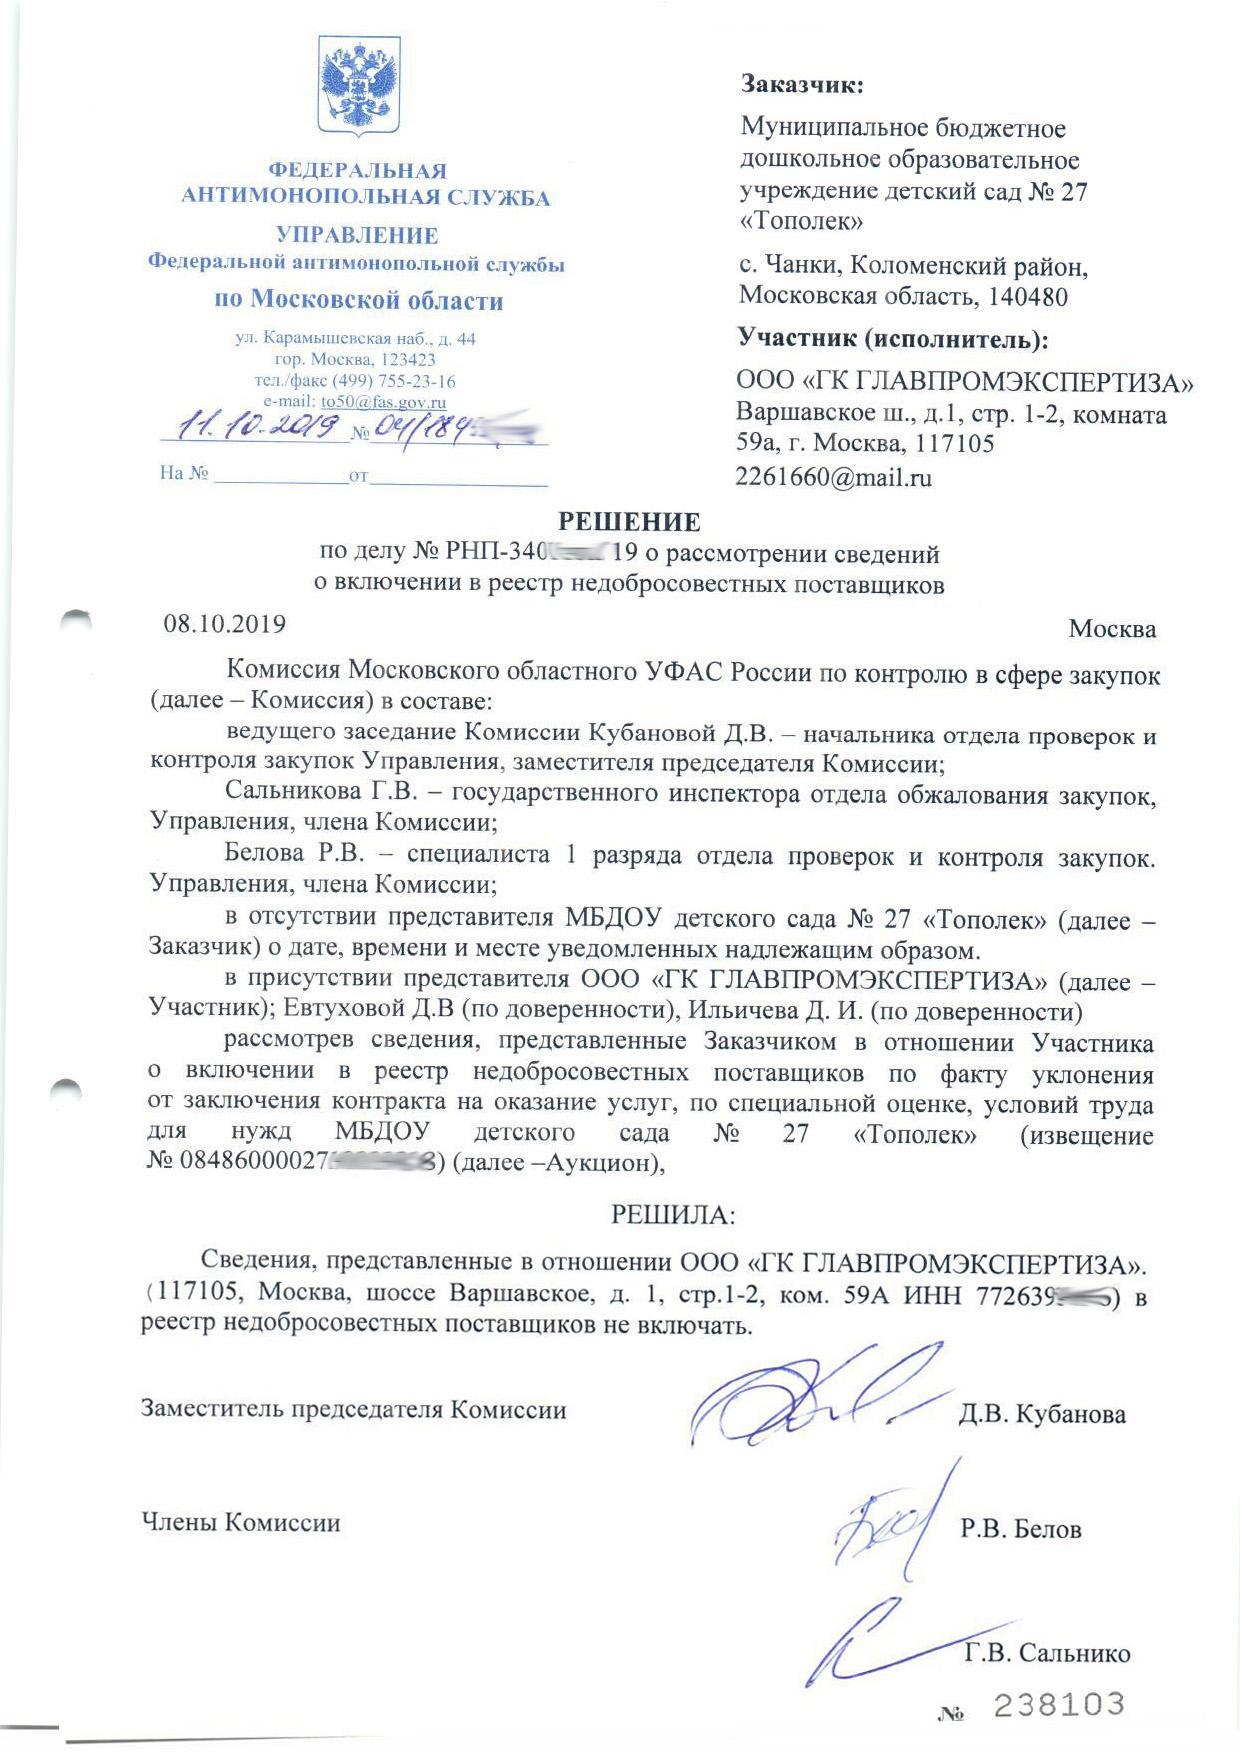 2Москва Page_00001